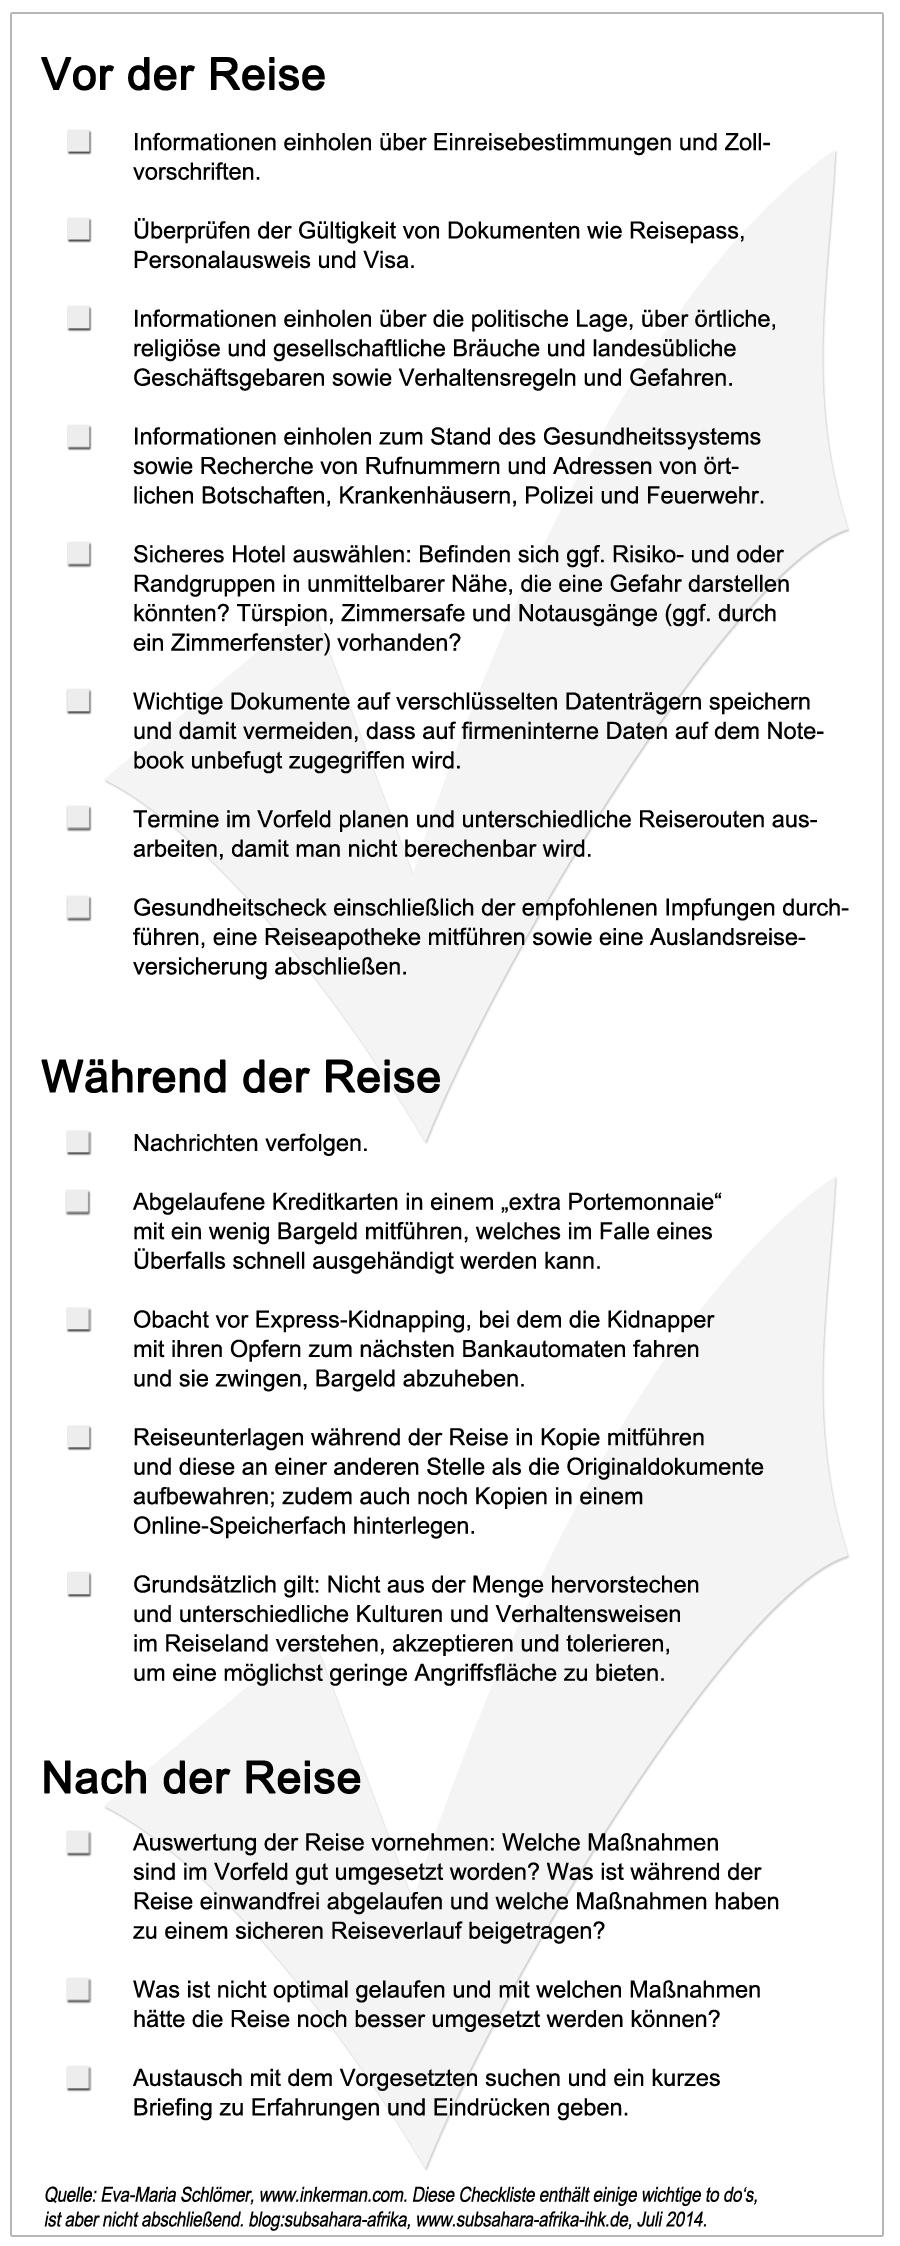 reisesicherheit_schloemer_140710